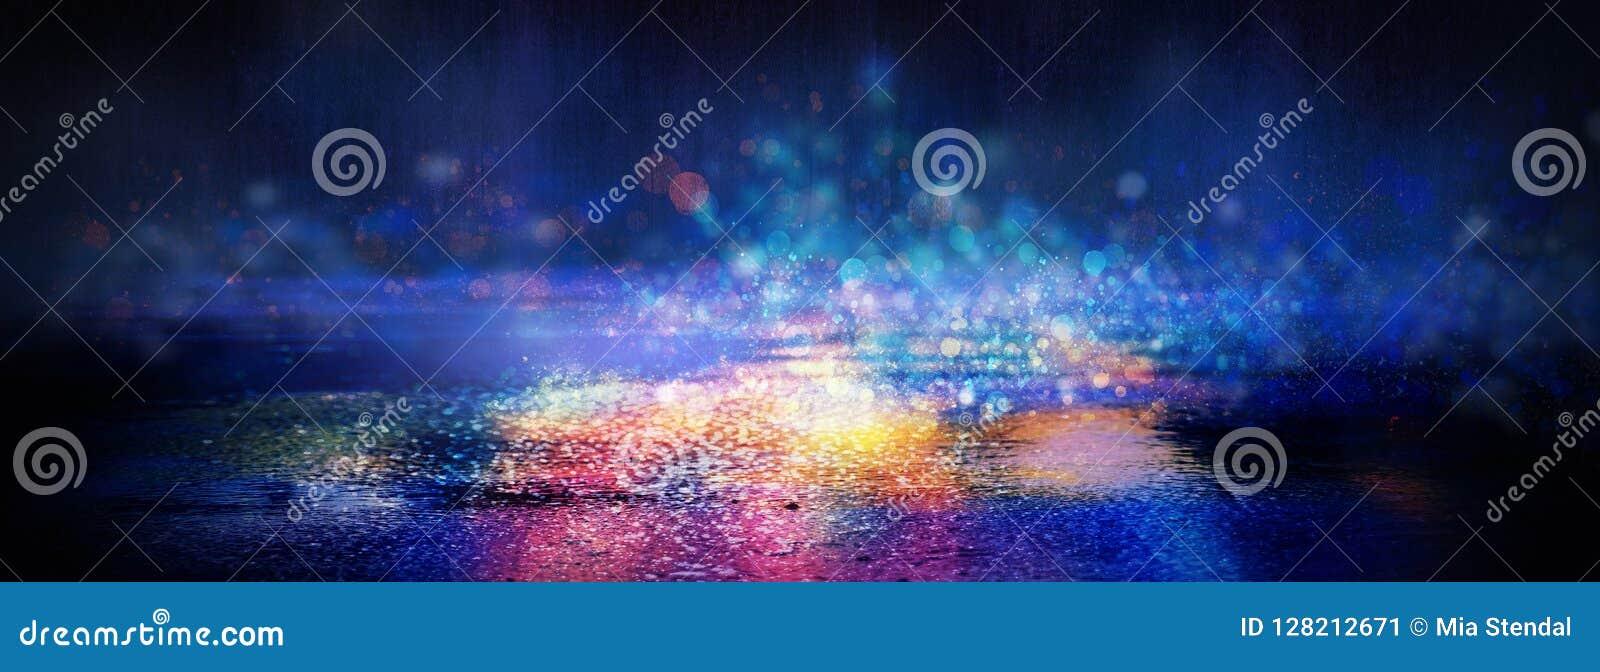 Blöta asfalt efter regn, reflexion av neonljus i pölar Ljusen av natten, neonstad abstrakt bakgrundsdark